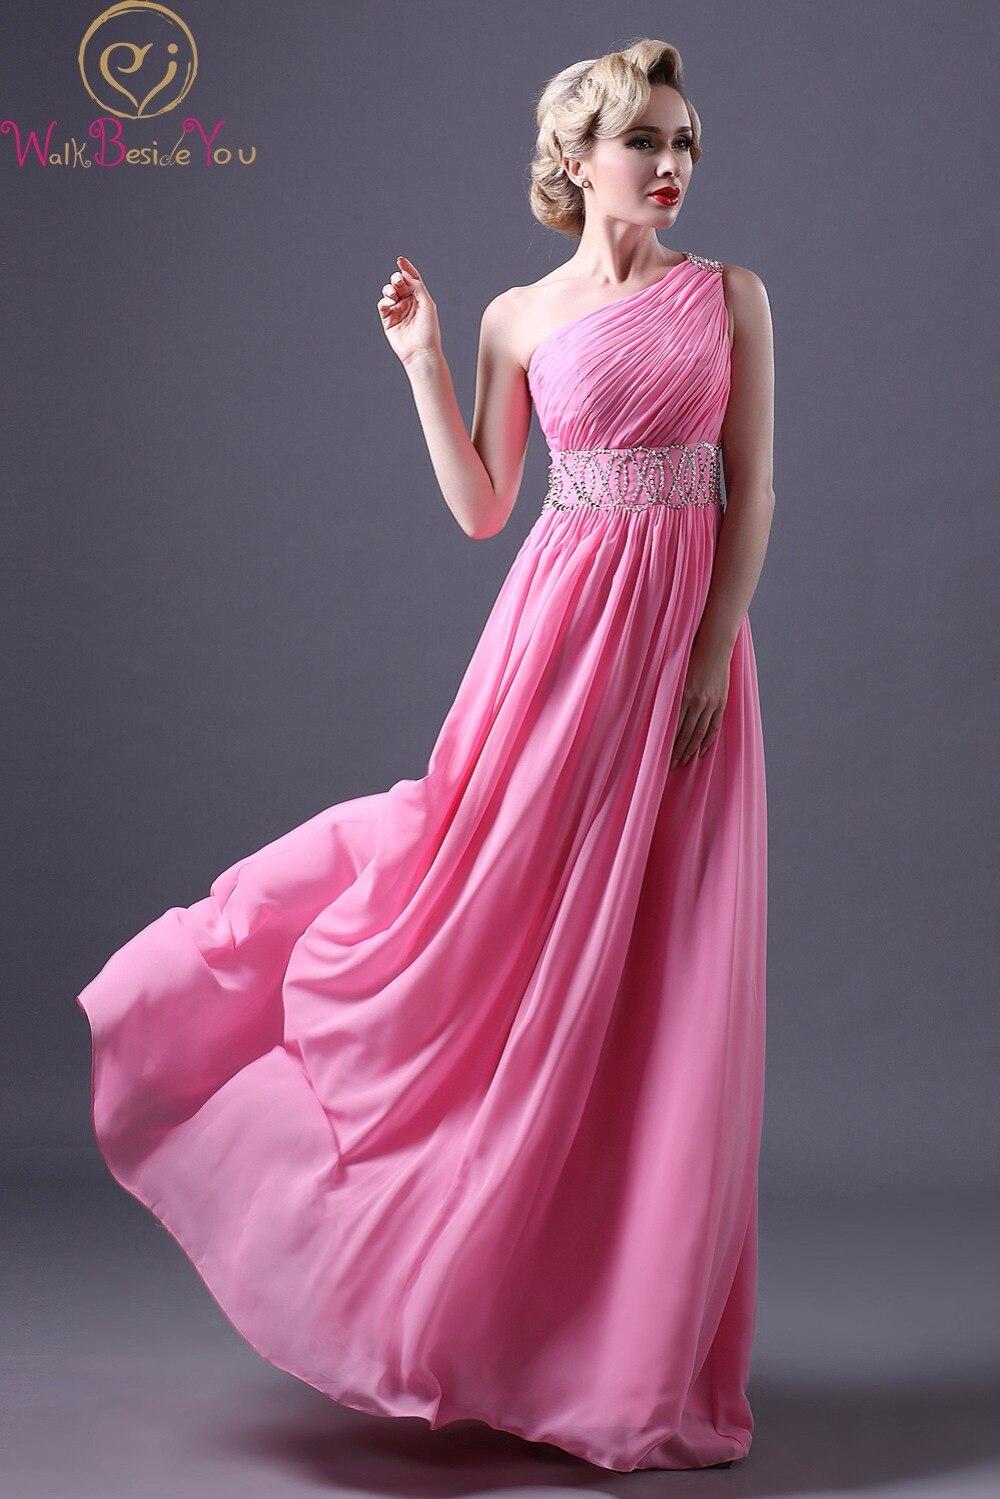 Asombroso Vestido Largo Del Baile De Melocotón Imágenes - Vestido de ...